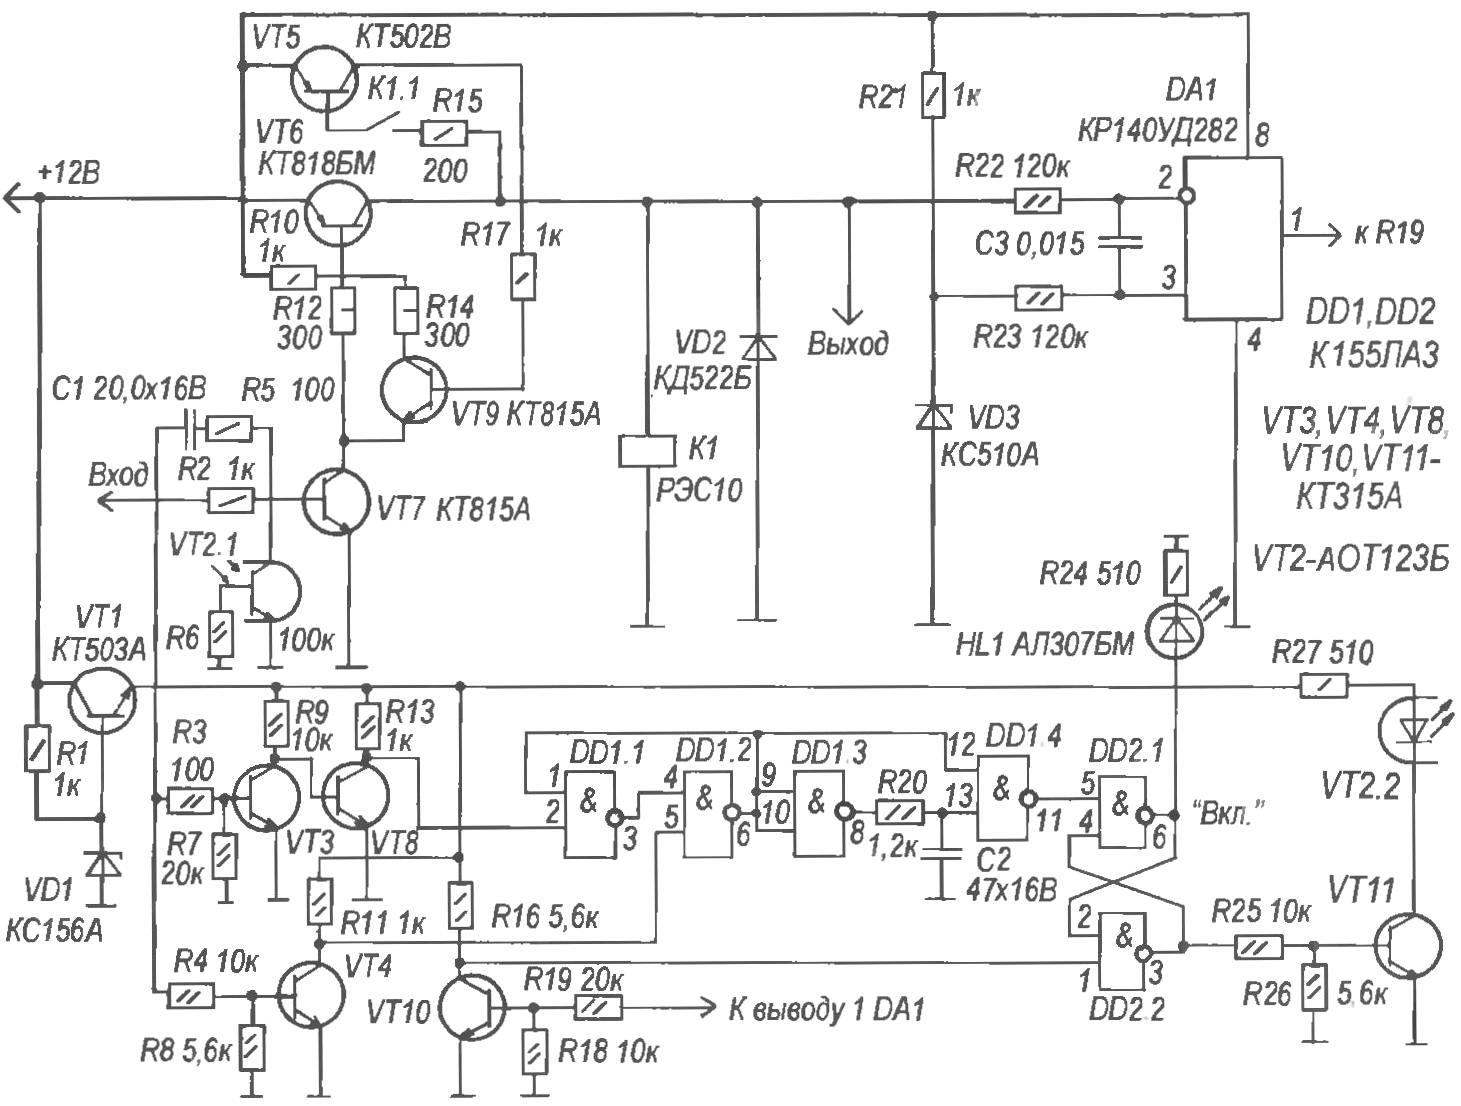 Принципиальная электрическая схема транзисторного выключателя с защитой от перегрузок